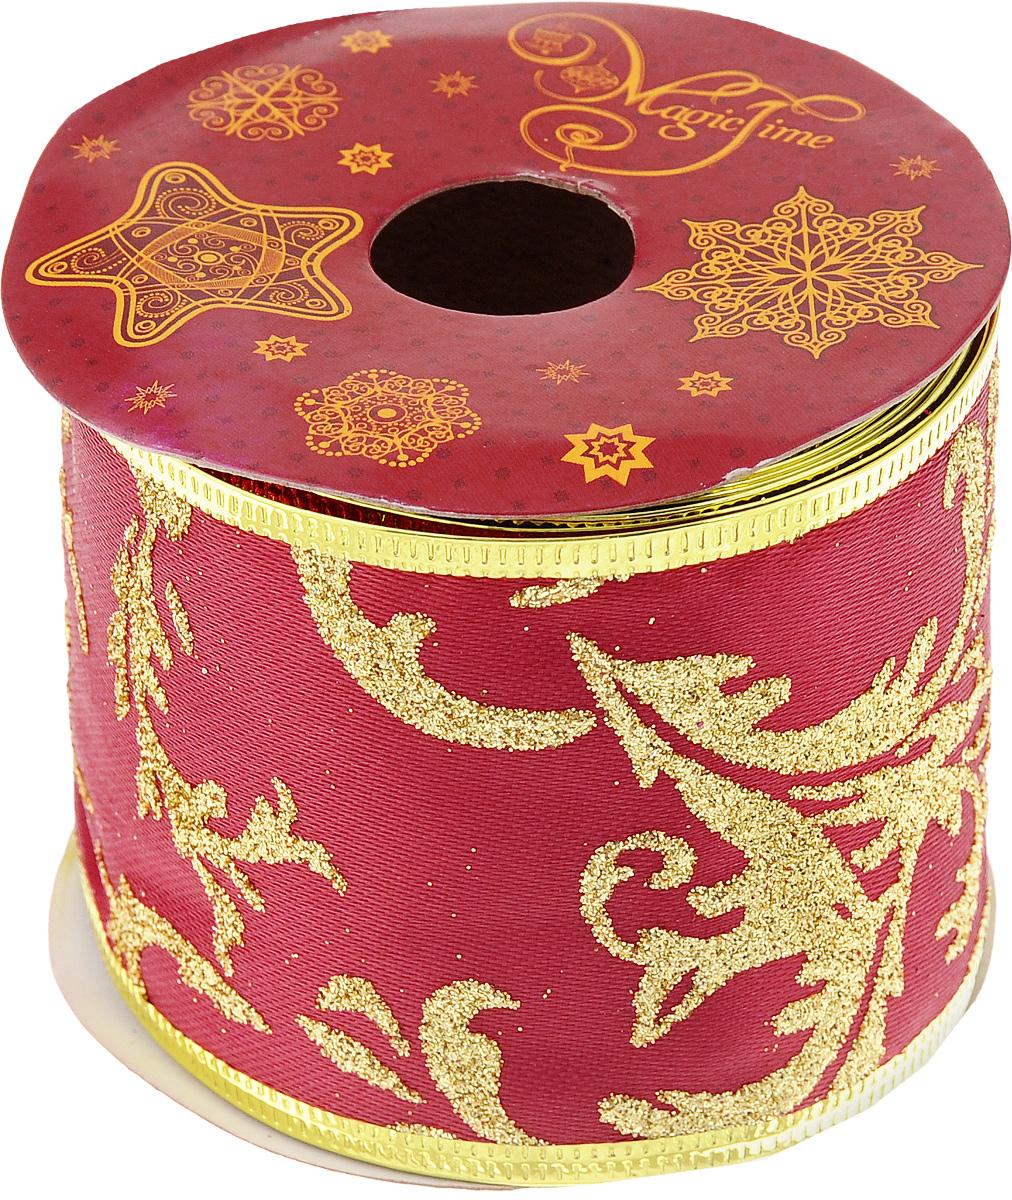 Лента новогодняя Magic Time, 6,3 см х 2,7 м. 4281842818Декоративная лента Magic Time выполненаиз полиэстера. Вкрая ленты вставлена проволока, благодаря чему еелегко фиксировать. Она предназначена для оформления подарочных коробок,пакетов. Кроме того, декоративная лента с успехом применяется дляхудожественного оформления витрин, праздничногооформления помещений, изготовления искусственных цветов.Декоративная лента украсит интерьер вашего дома к праздникам.Ширина ленты: 6,3 см.